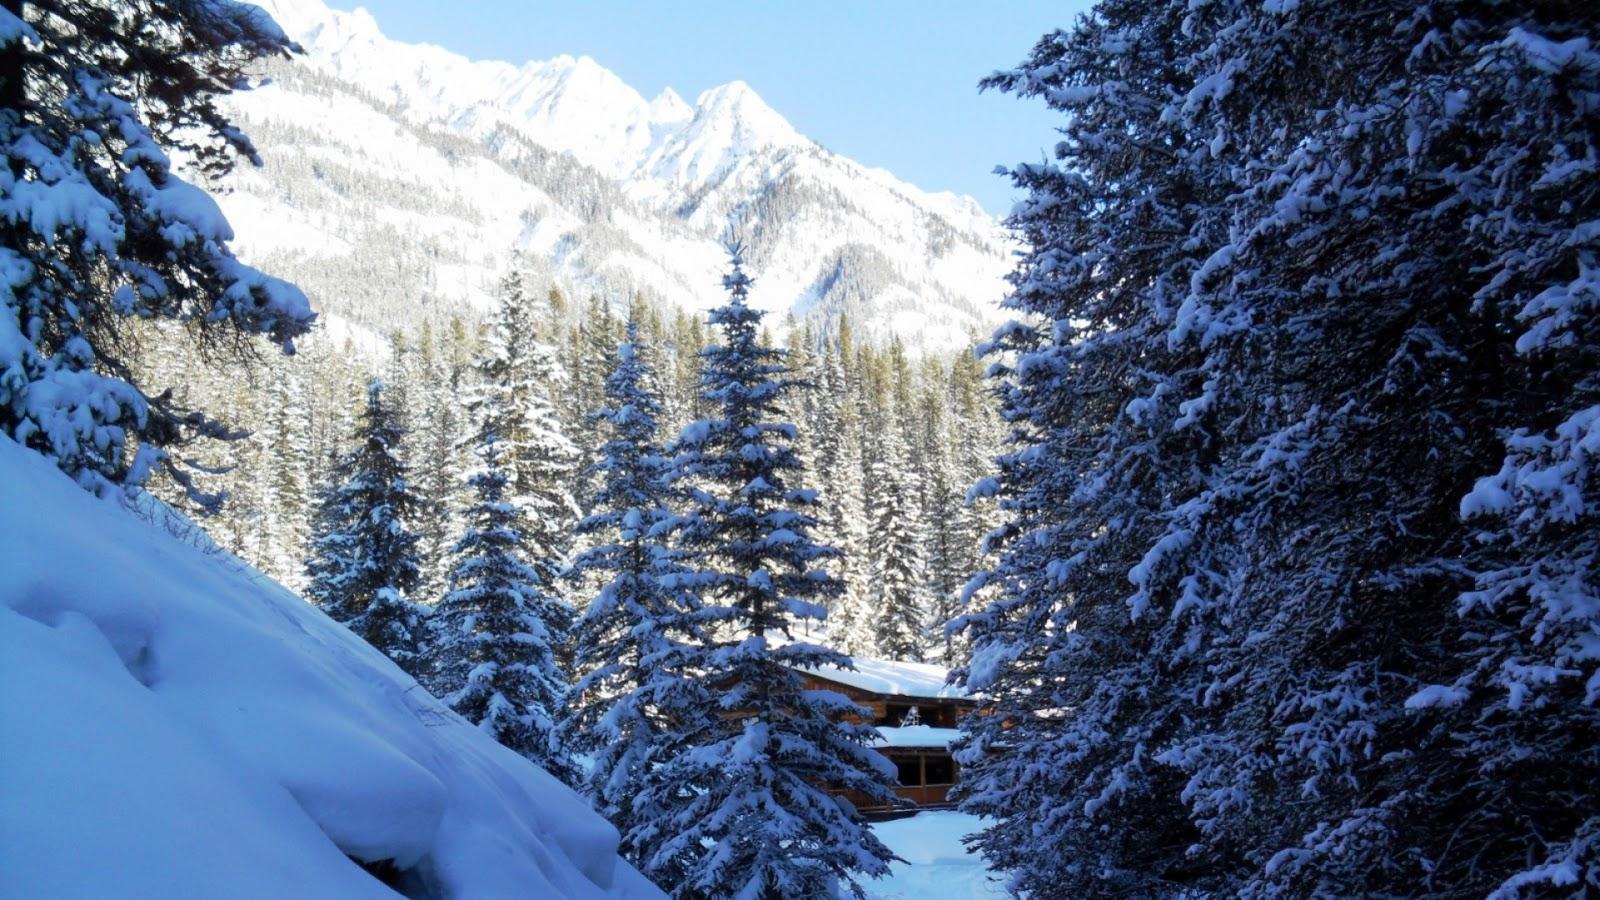 Potentes Montañas Nevadas Fondos De Pantalla: Fondo De Pantalla Paisajes Vistas De Montañas Nevadas